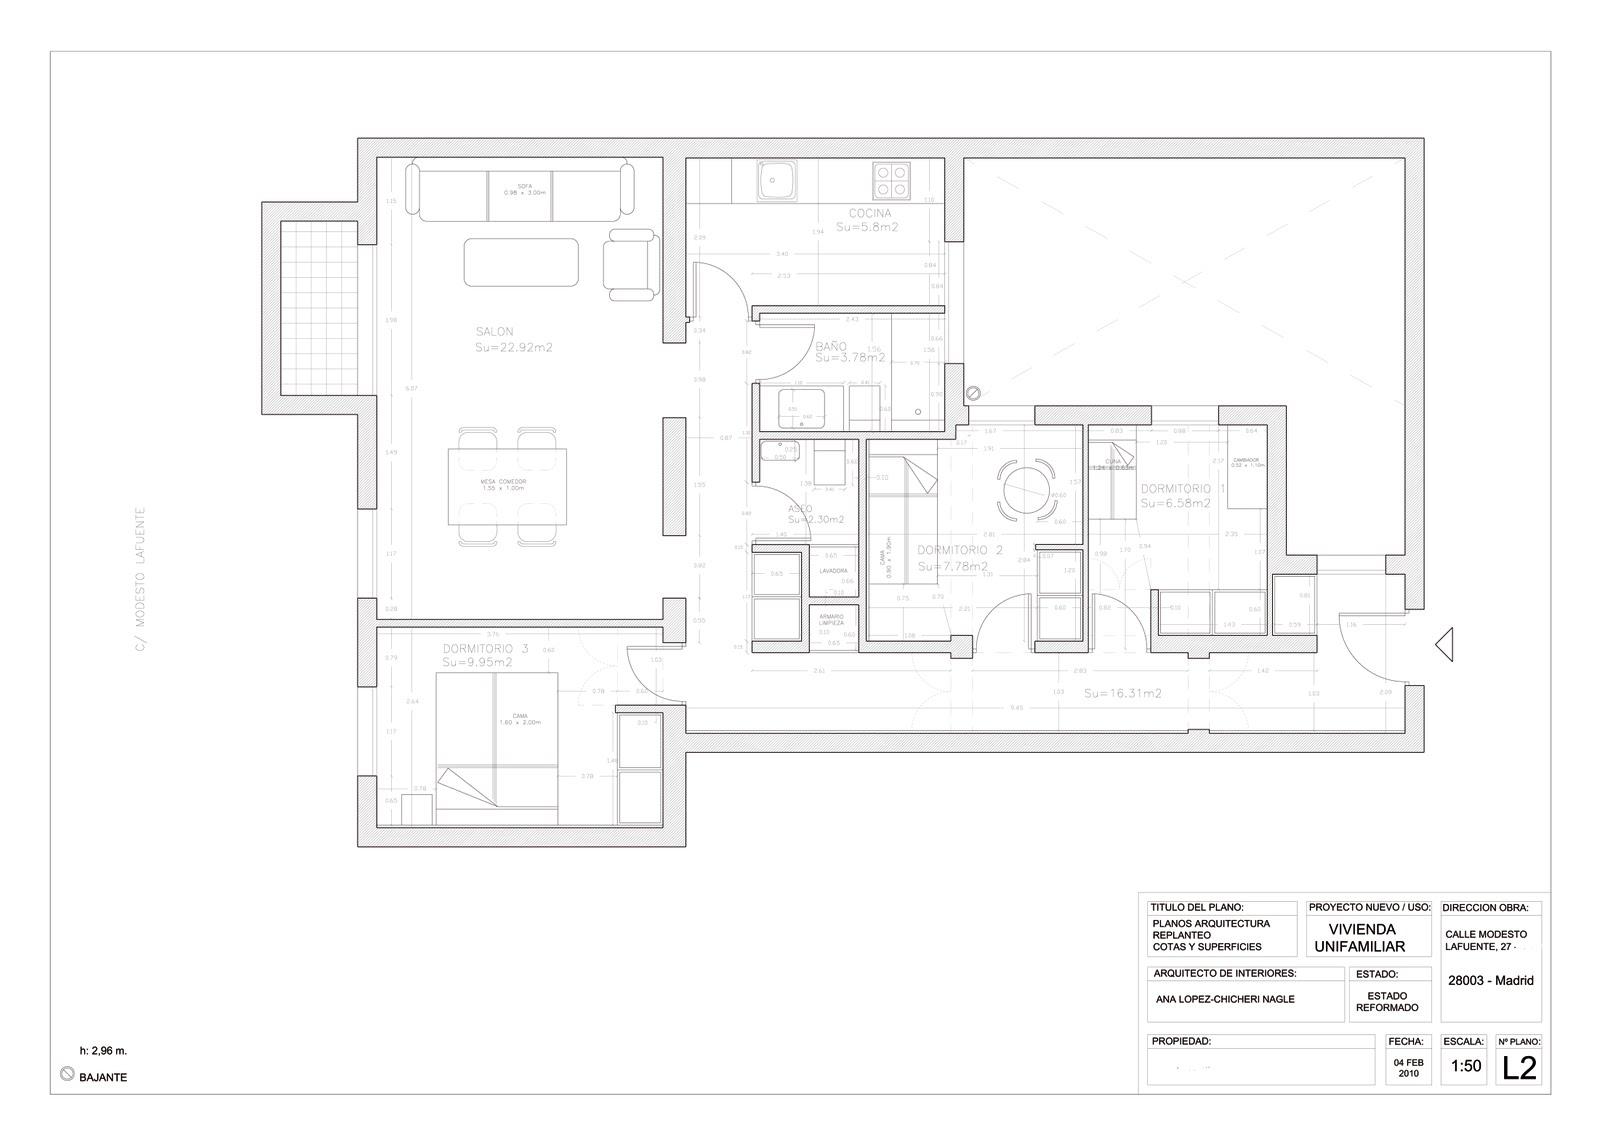 Arquitecto de interiores madrid stunning locales - Reforma integral piso madrid ...